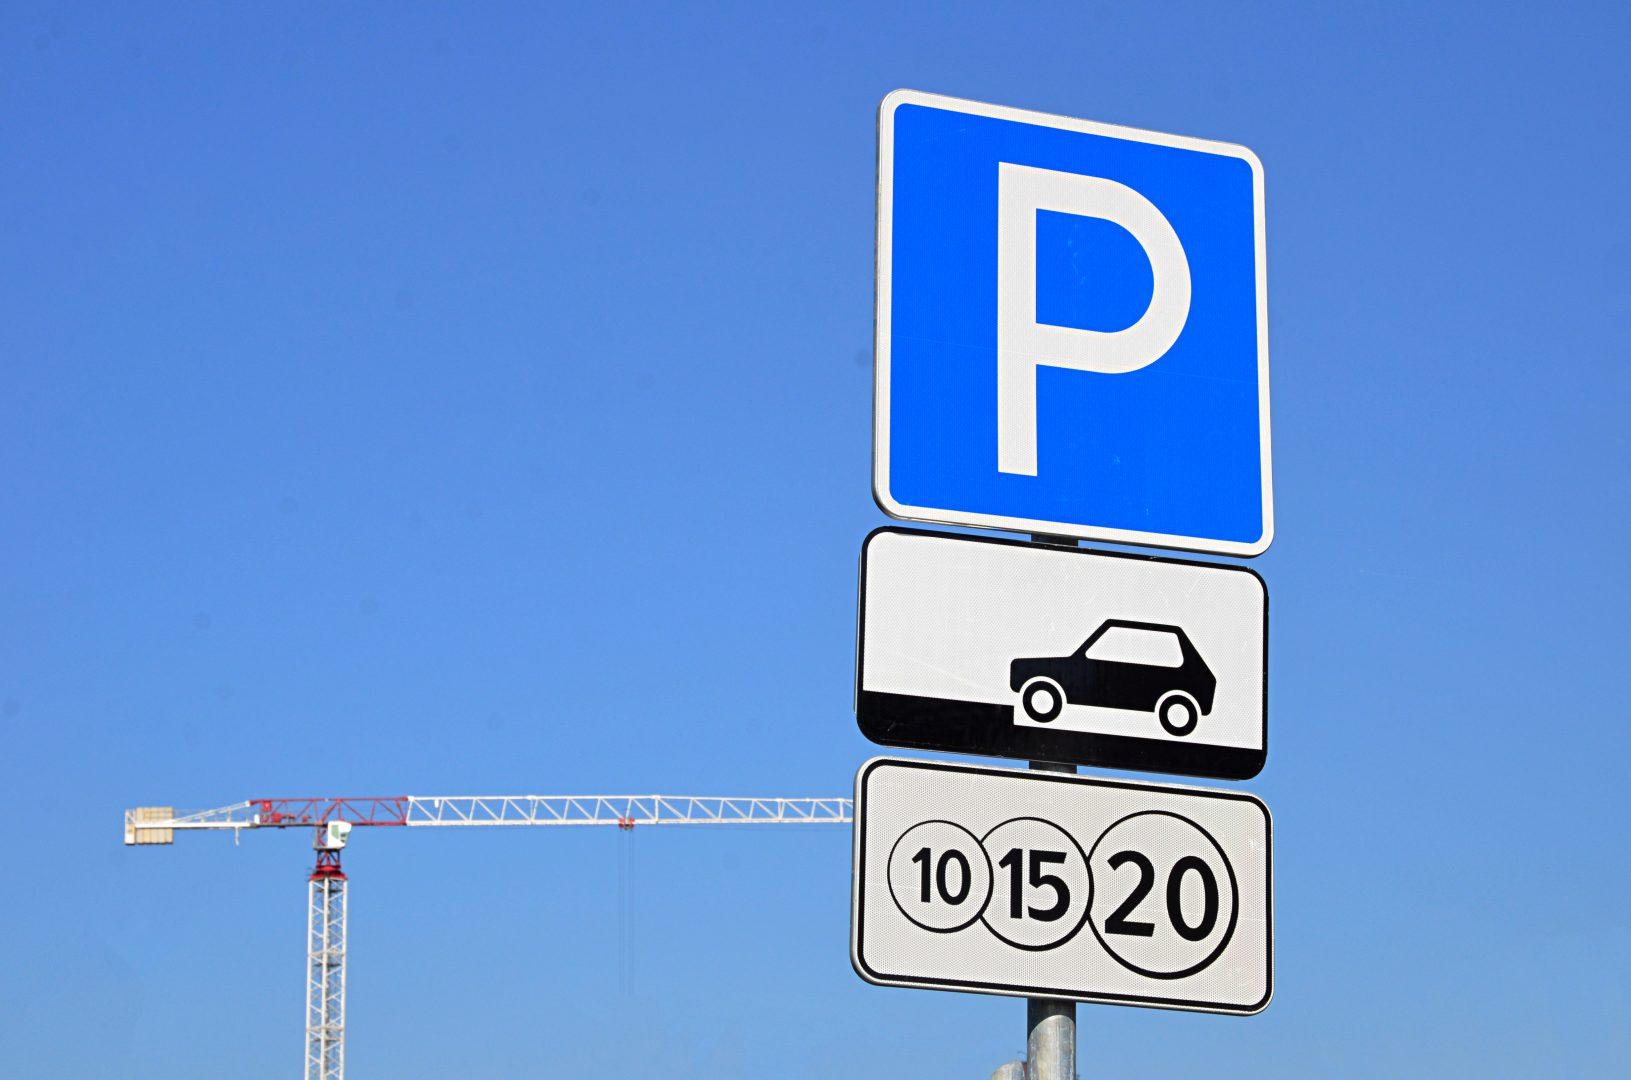 Паркинг сможет вместить в себя 300 машиномест. Фото: Анна Быкова